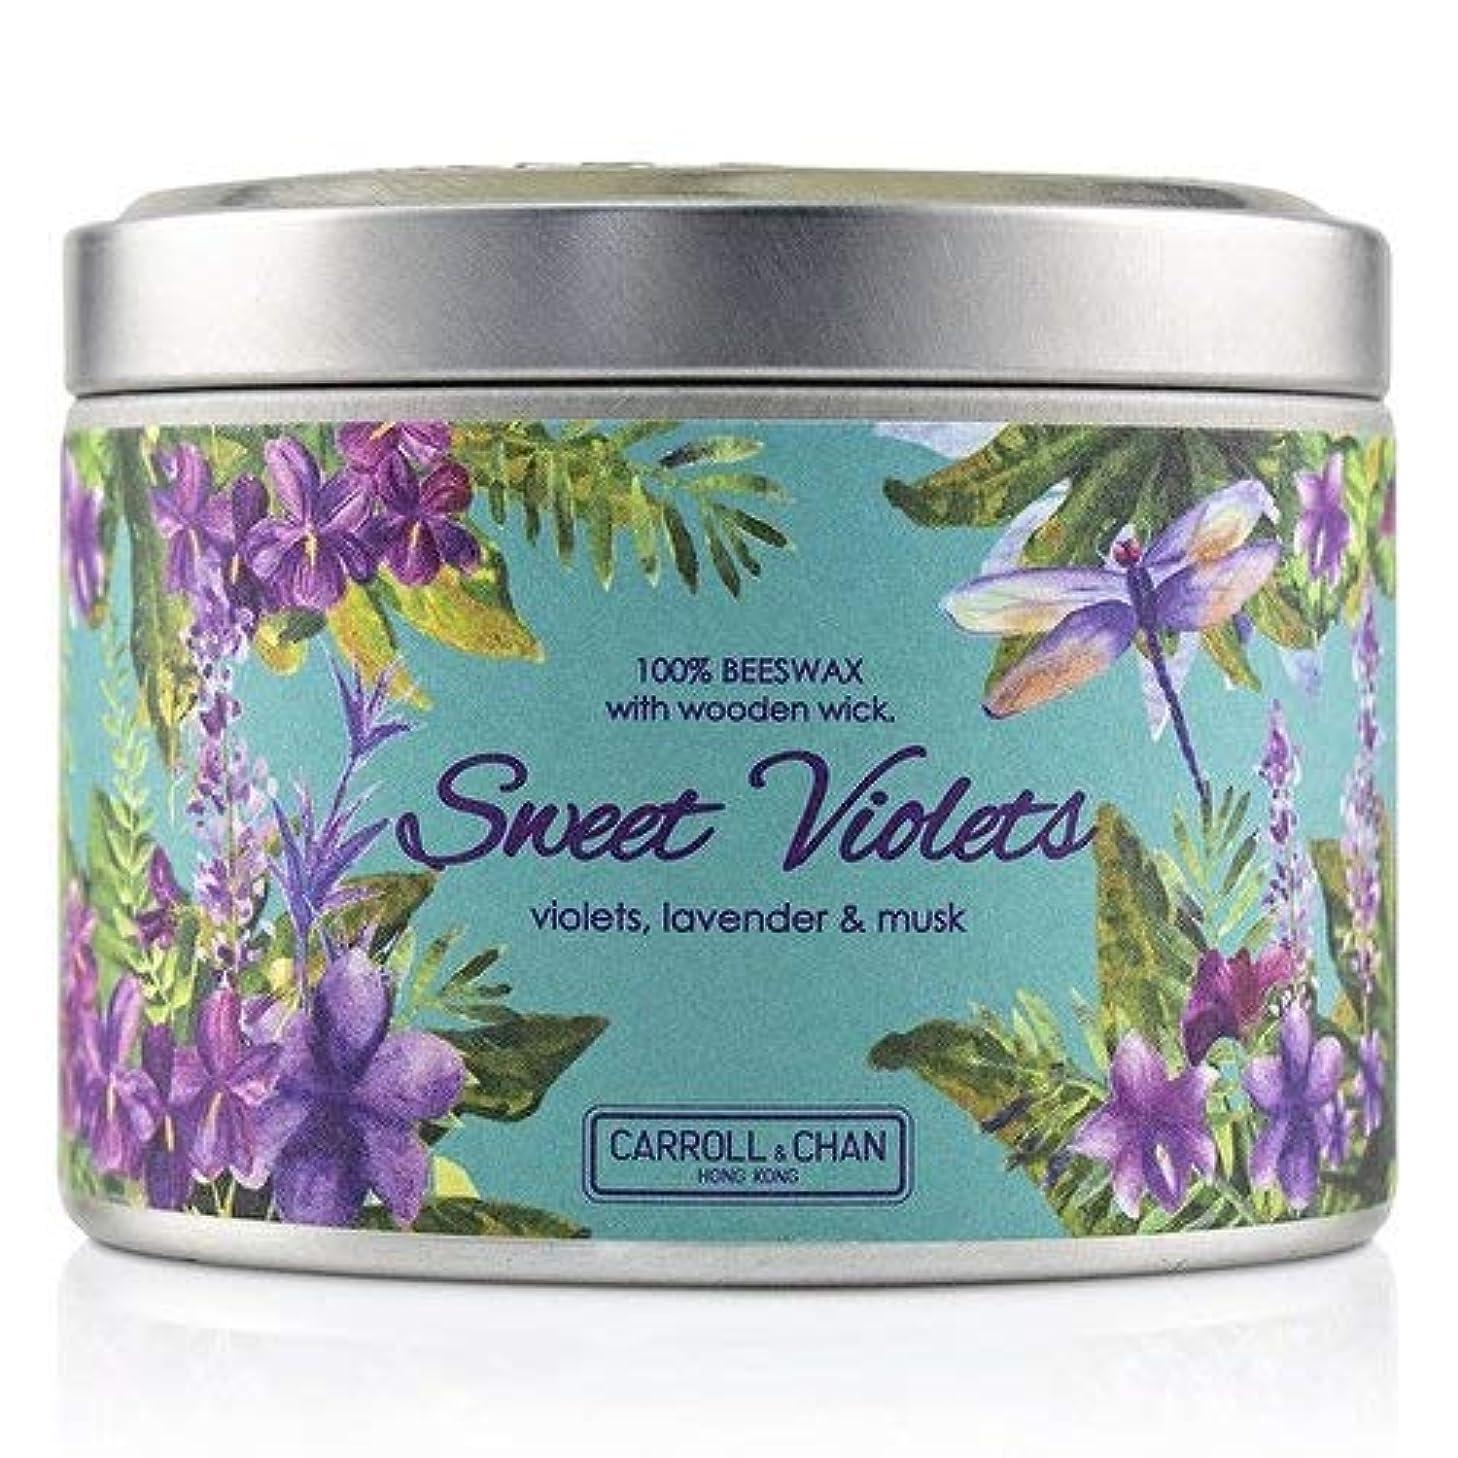 美人売る告発キャンドル?カンパニー Tin Can 100% Beeswax Candle with Wooden Wick - Sweet Violets (8x5) cm並行輸入品